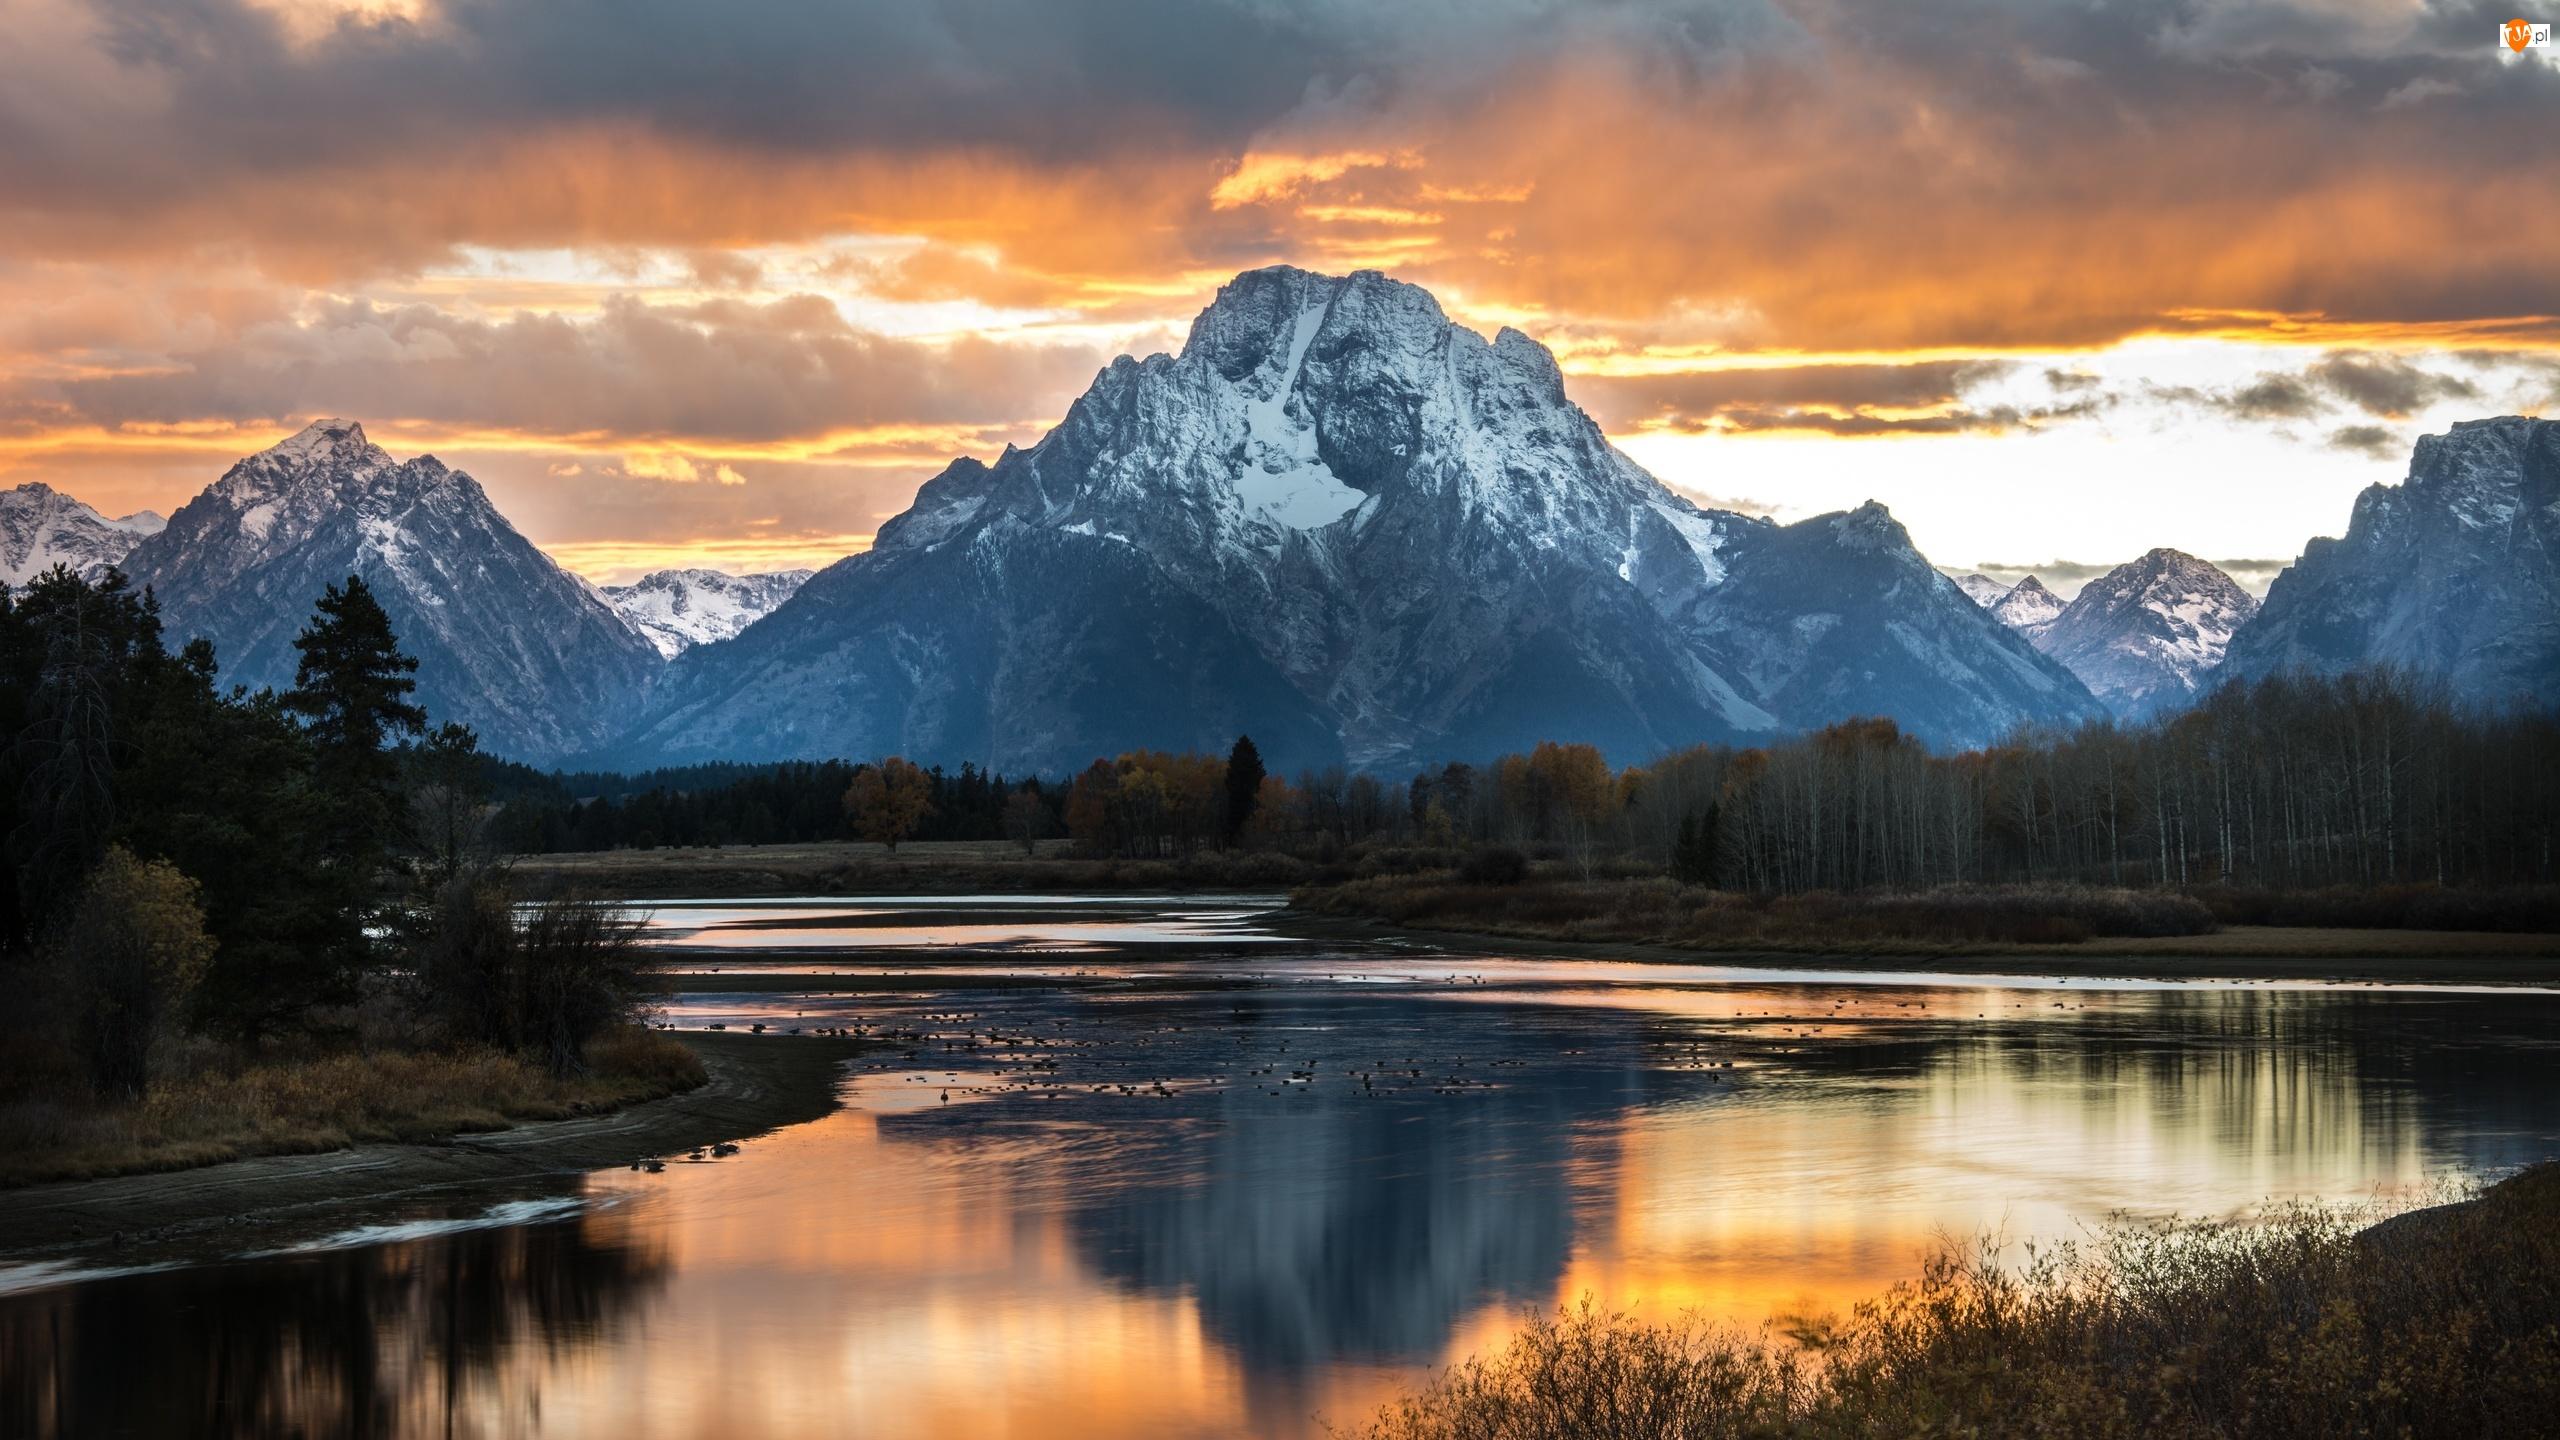 Odbicie, Las, Chmury, Drzewa, Stan Wyoming, Stany Zjednoczone, Góry, Park Narodowy Grand Teton, Szczyt Mount Moran, Rzeka Snake River